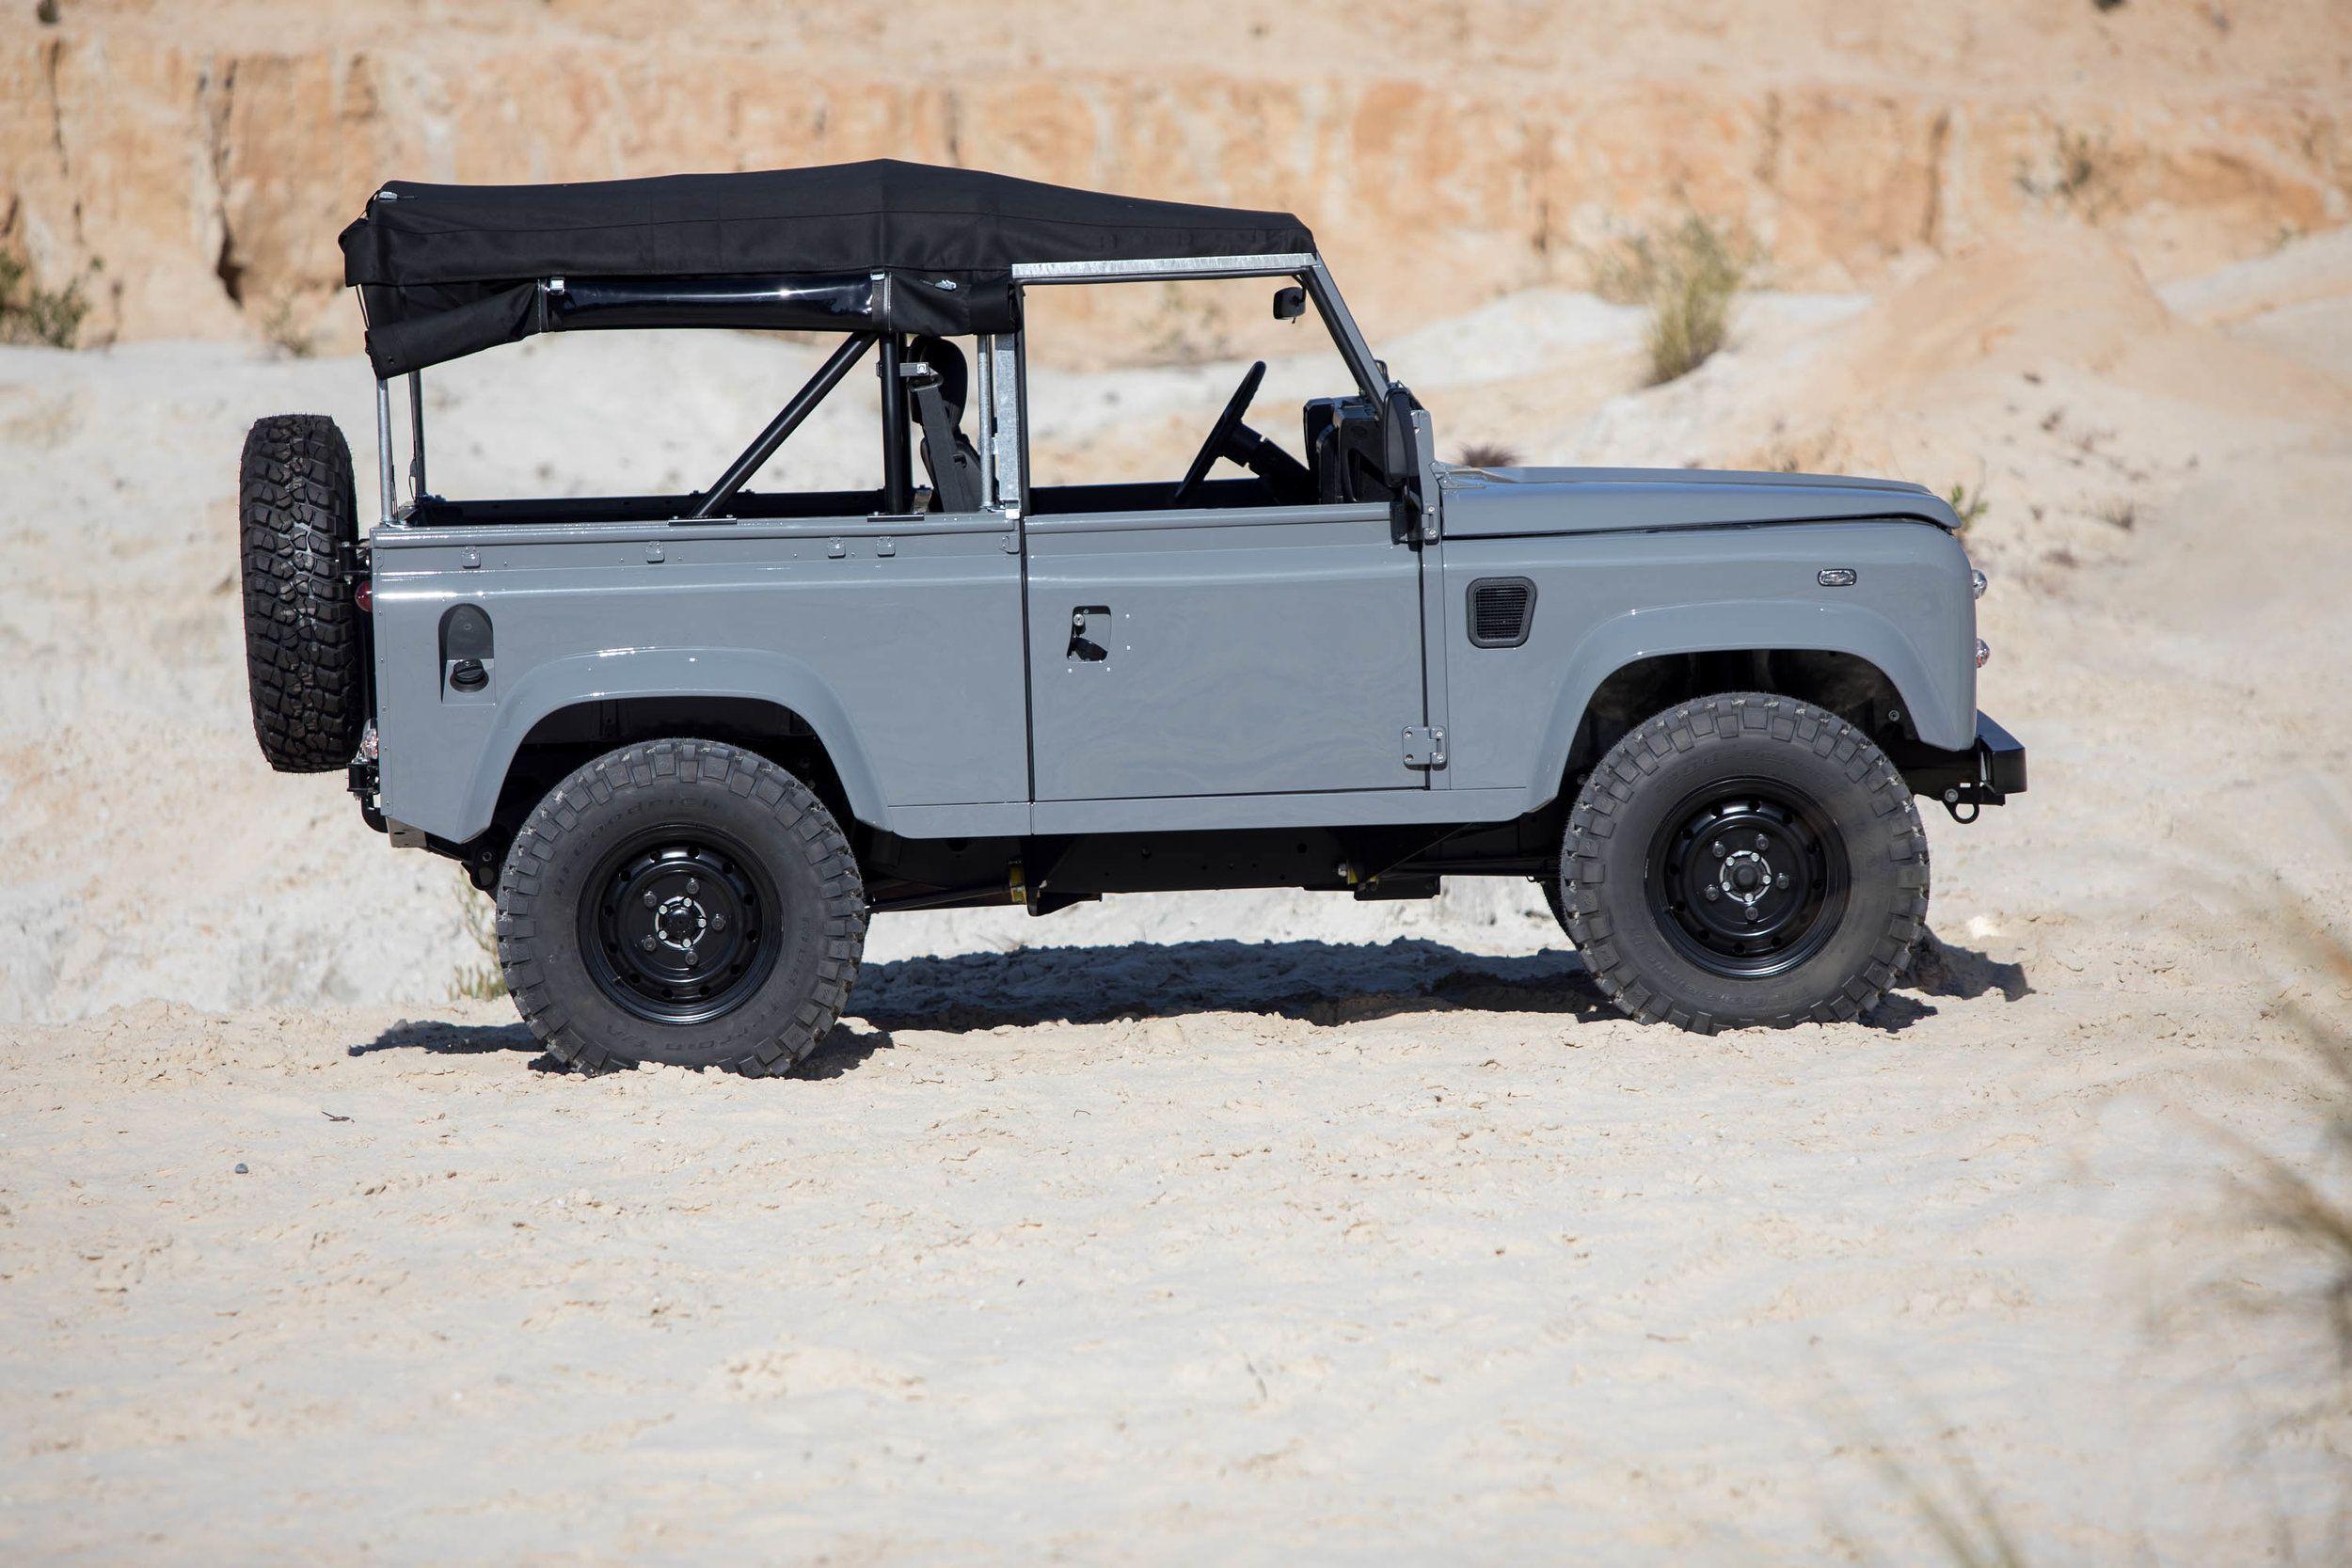 parts rover online garage landrover land outback make defender fullsizerender archives pickup